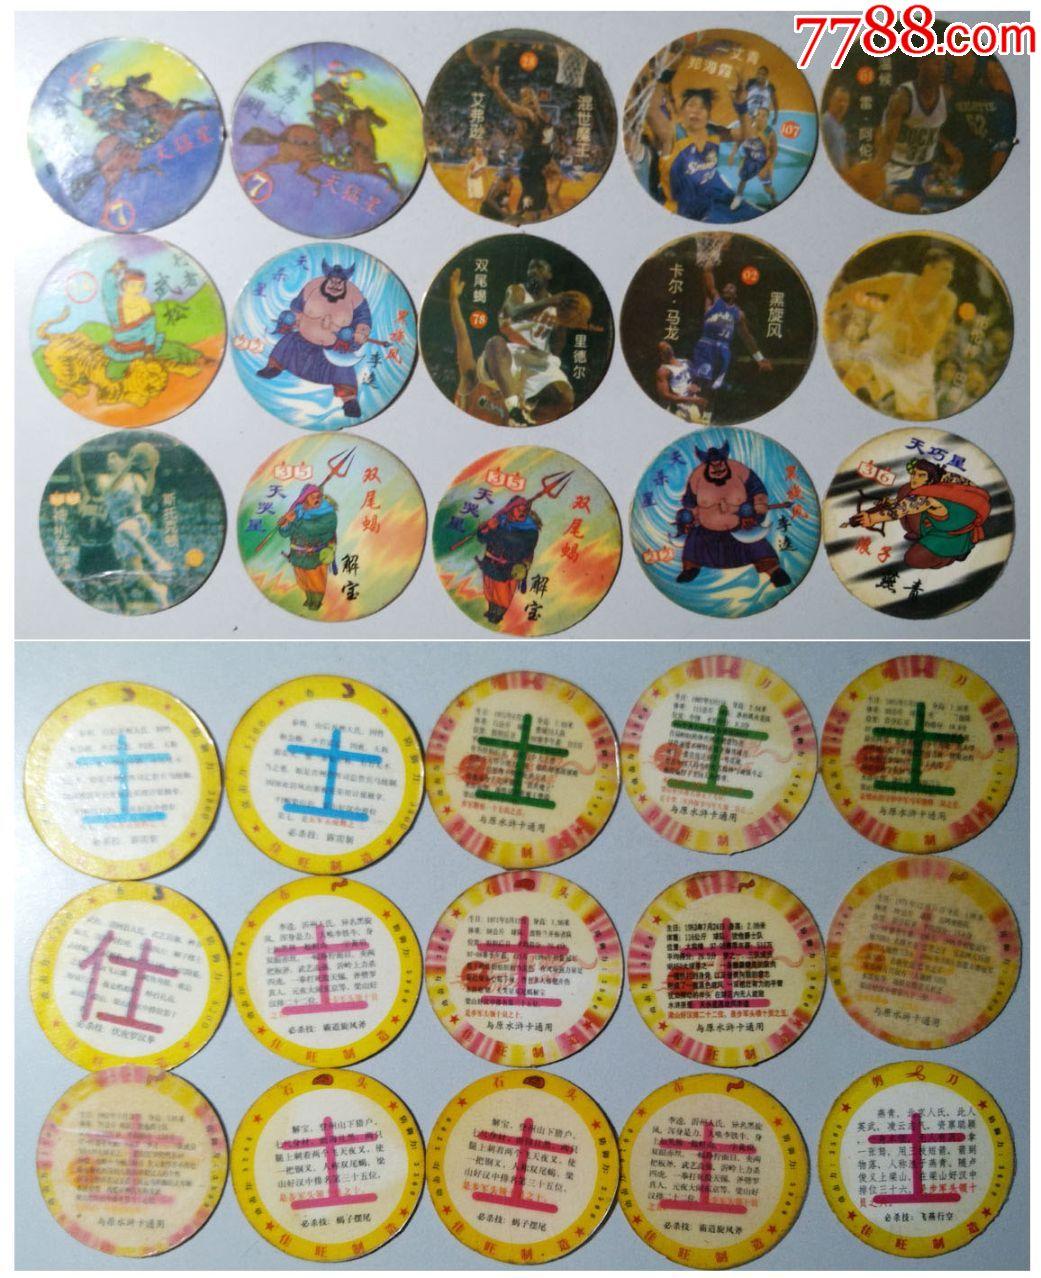 象棋-古代名著漫画食品圆卡一组百余枚_价格7566元_第4张_